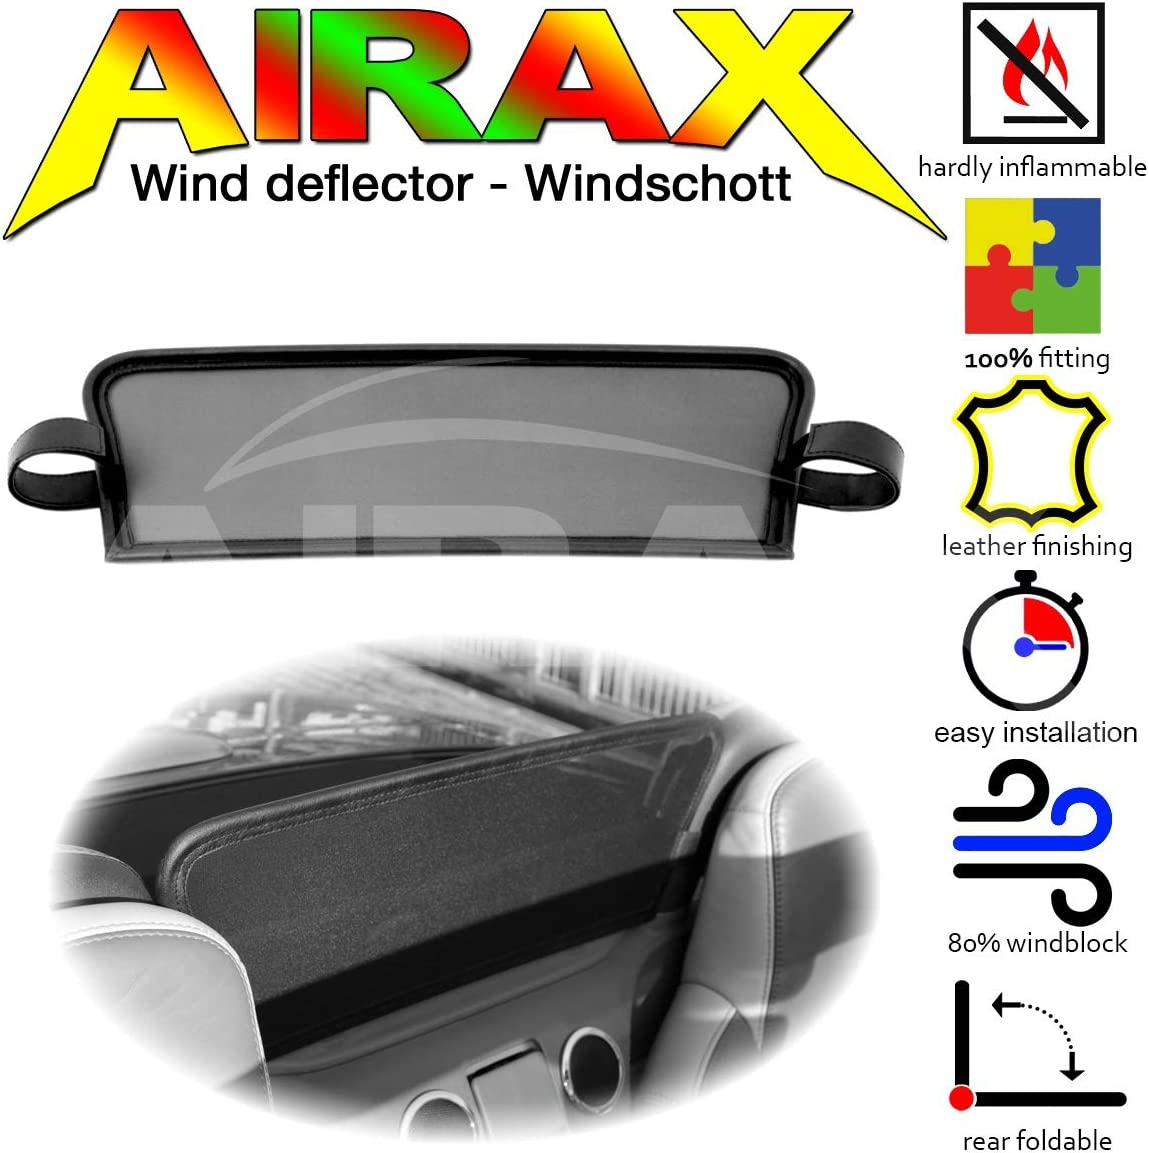 Airax Windschott f/ür MX-5 MX5 MK3 Windabweiser Windscherm Windstop Wind deflector d/éflecteur de vent